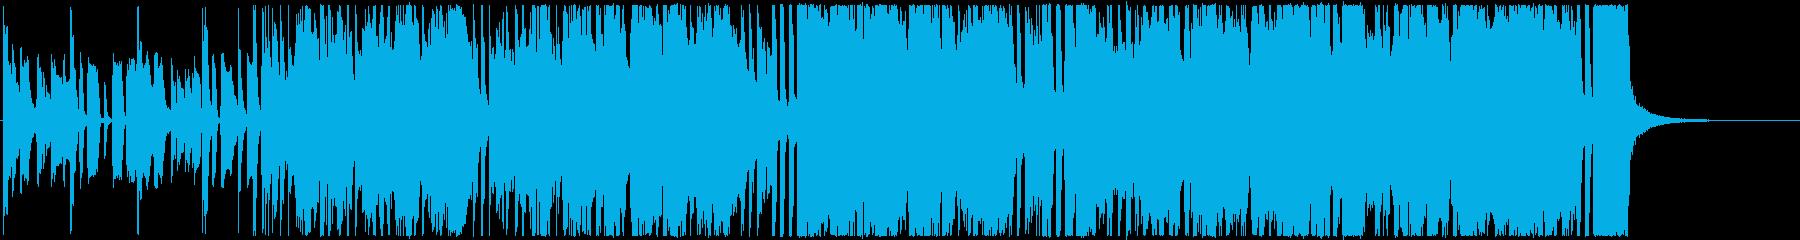 エレキギターのリフが印象的なファンクの再生済みの波形